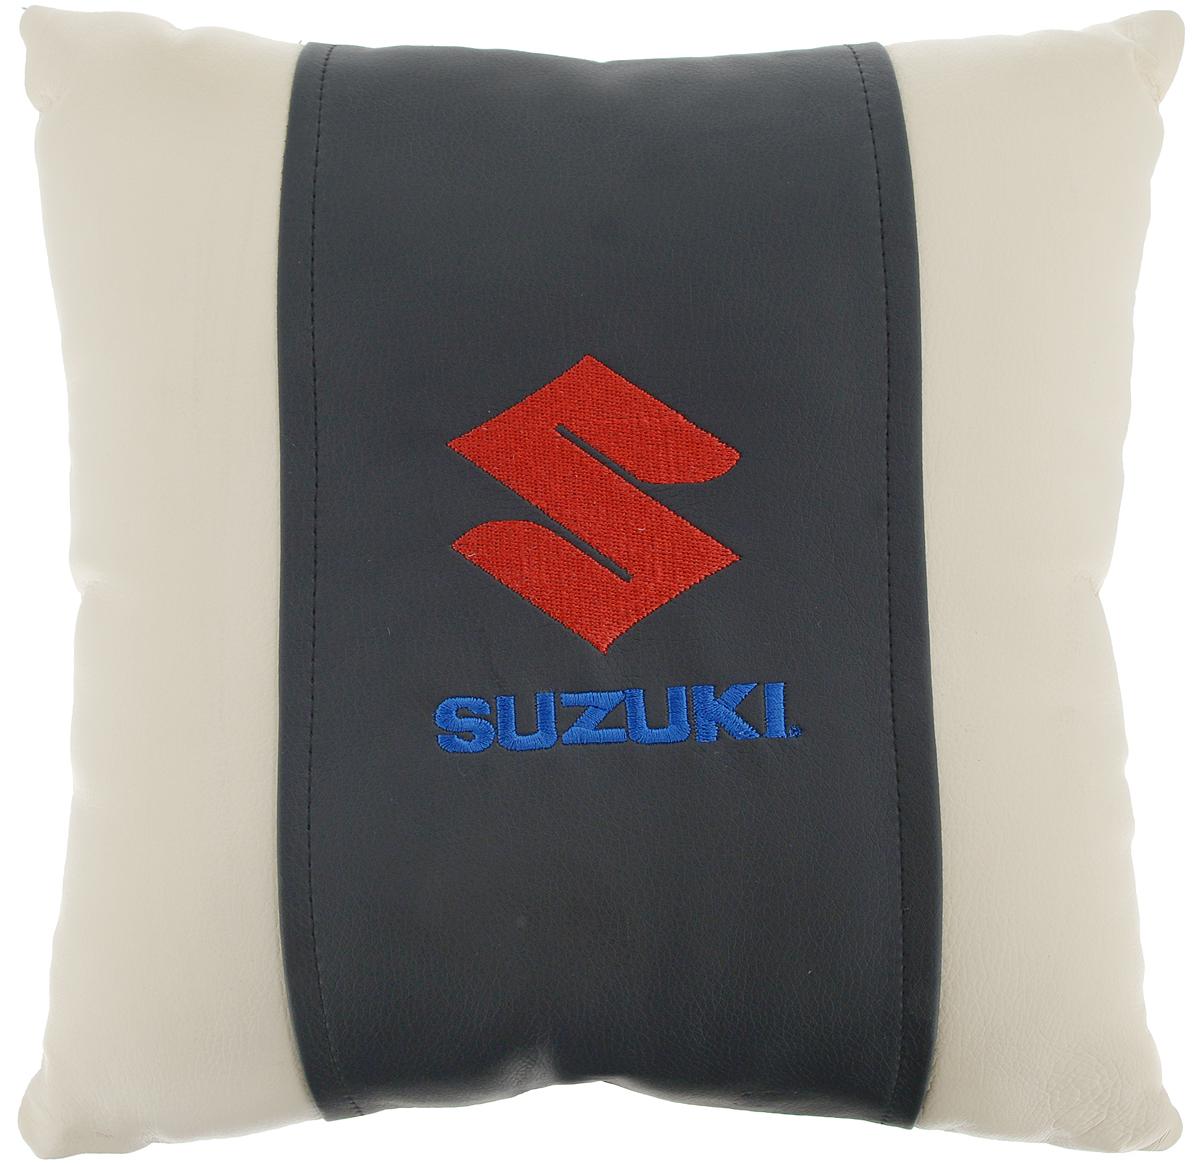 Подушка на сиденье Autoparts Suzuki, 30 х 30 смМ059Подушка на сиденье Autoparts Suzuki создана для тех, кто весь свой день вынужден проводить за рулем. Чехол выполнен из высококачественной дышащей экокожи. Наполнителем служит холлофайбер. На задней части подушки имеется змейка. Особенности подушки: - Хорошо проветривается. - Предупреждает потение. - Поддерживает комфортную температуру. - Обминается по форме тела. - Улучшает кровообращение. - Исключает затечные явления. - Предупреждает развитие заболеваний, связанных с сидячим образом жизни. Подушка также будет полезна и дома - при работе за компьютером, школьникам - при выполнении домашних работ, да и в любимом кресле перед телевизором.